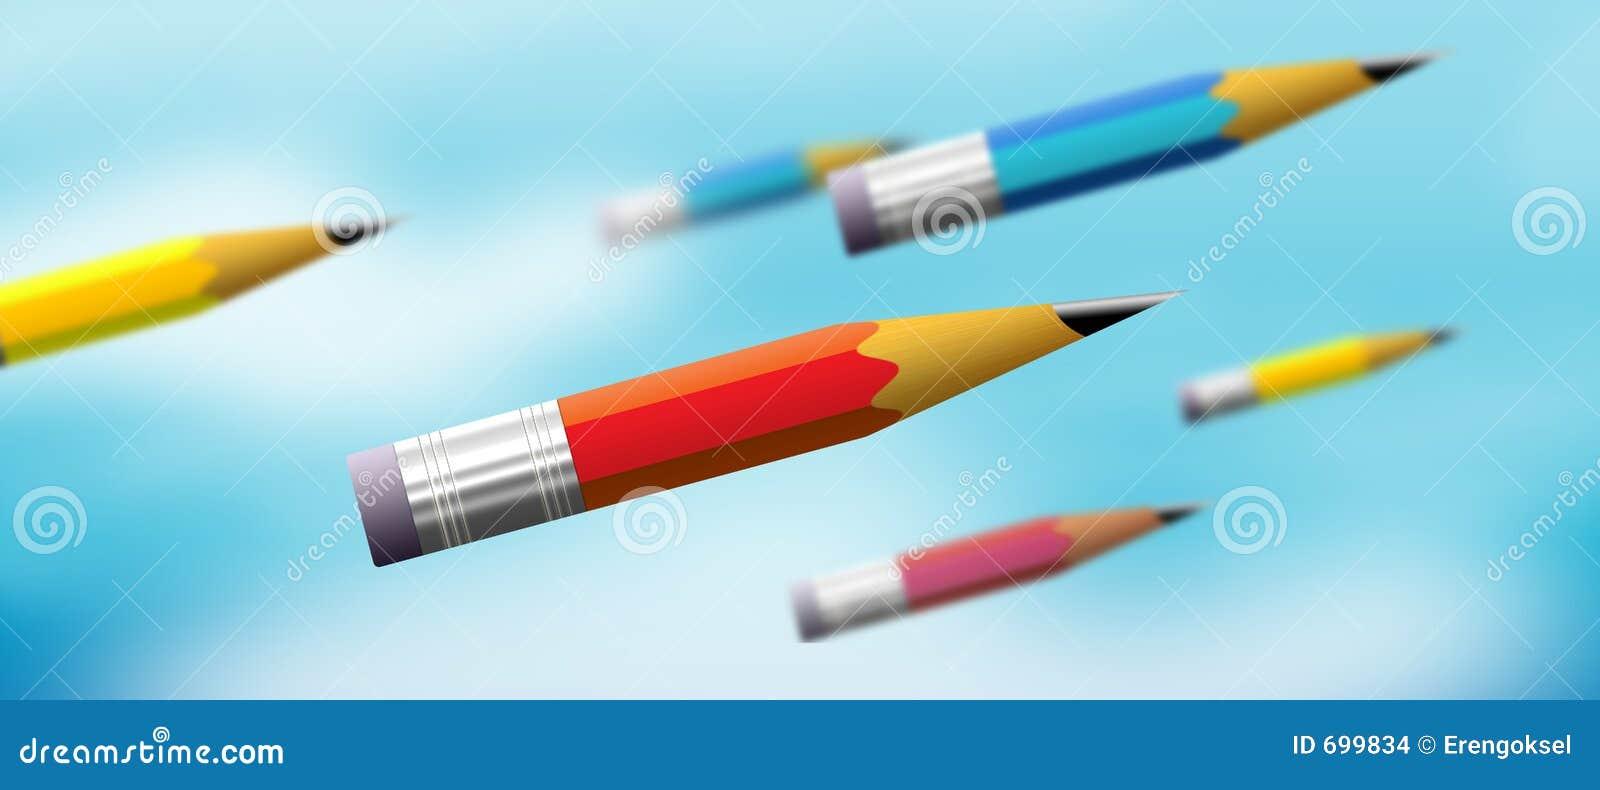 Ołówkowa moc